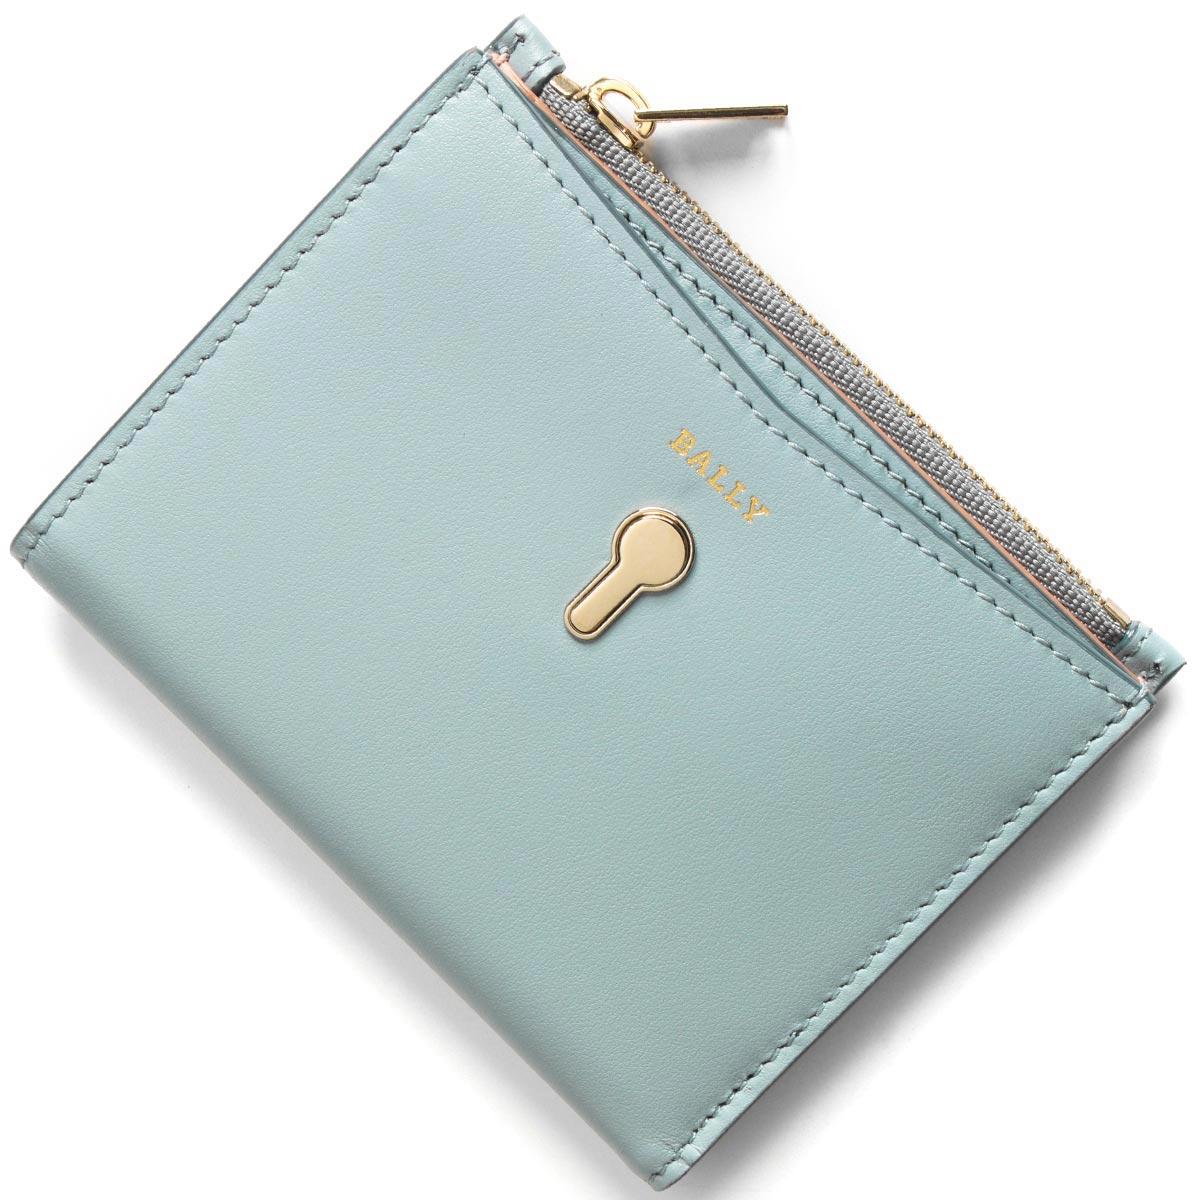 バリー 二つ折り財布 財布 レディース コーガン オパールライトブルー COGAN W 37 6226883 BALLY